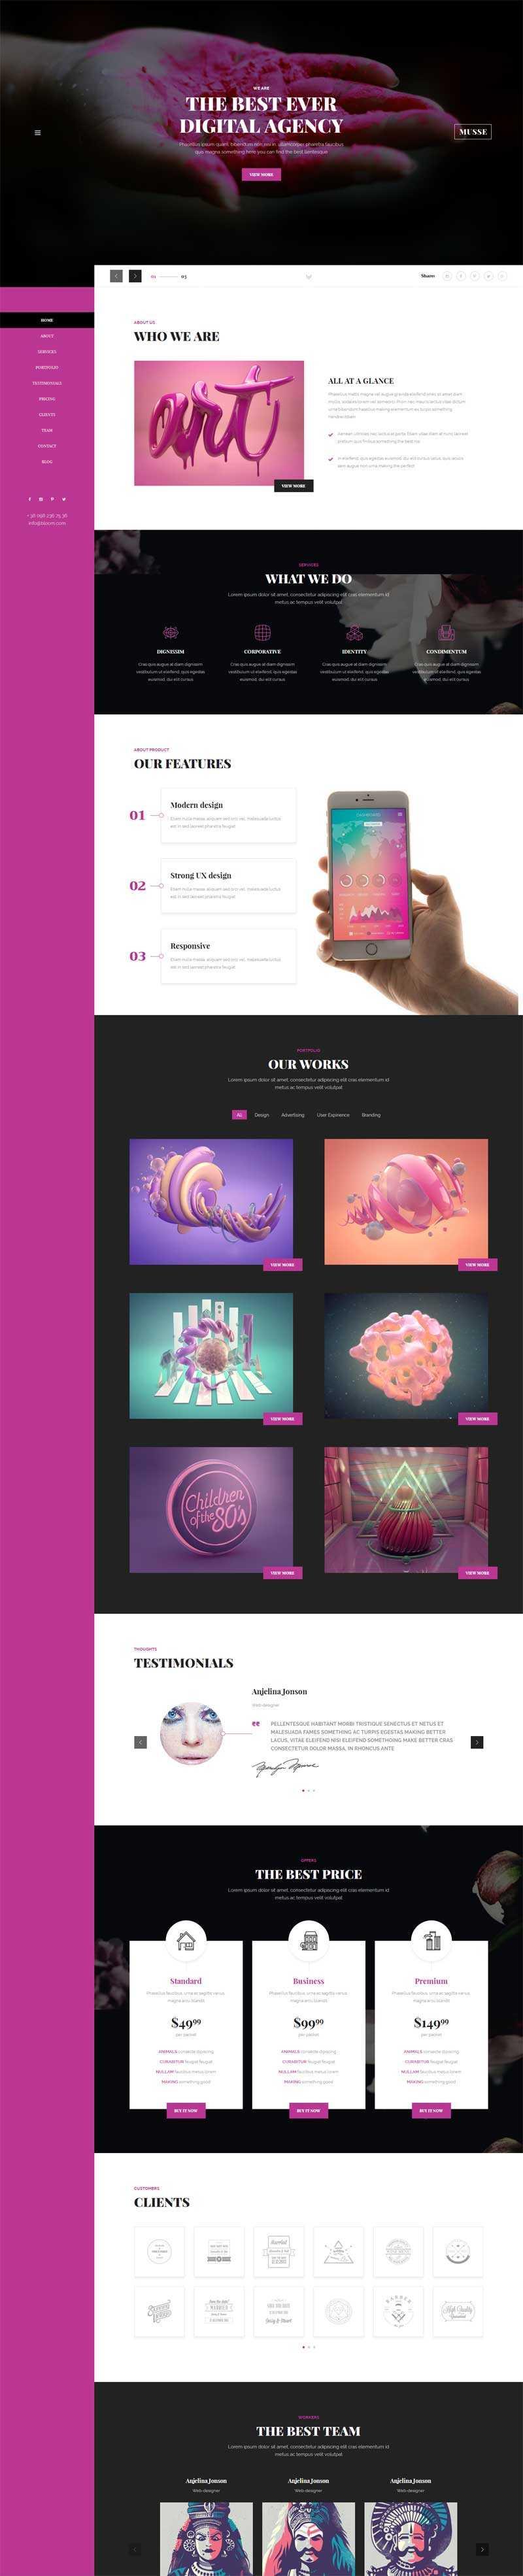 紫色的个人作品展示博客滚动视差网站模板